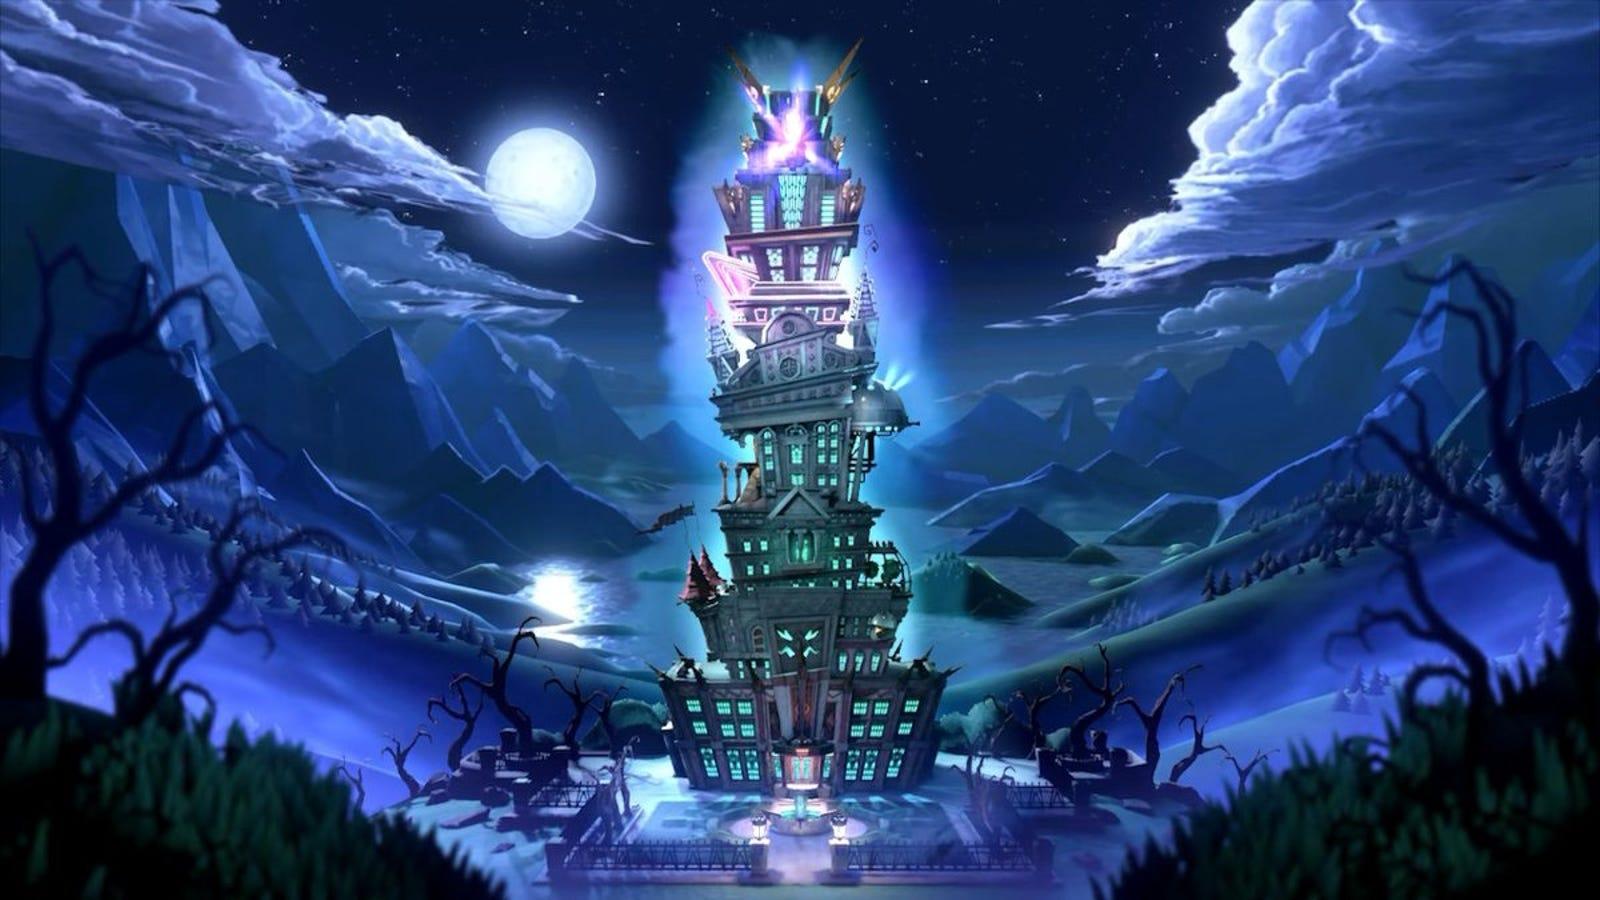 El enorme hotel encantado que Luigi deberá explorar para rescatar a su familia.